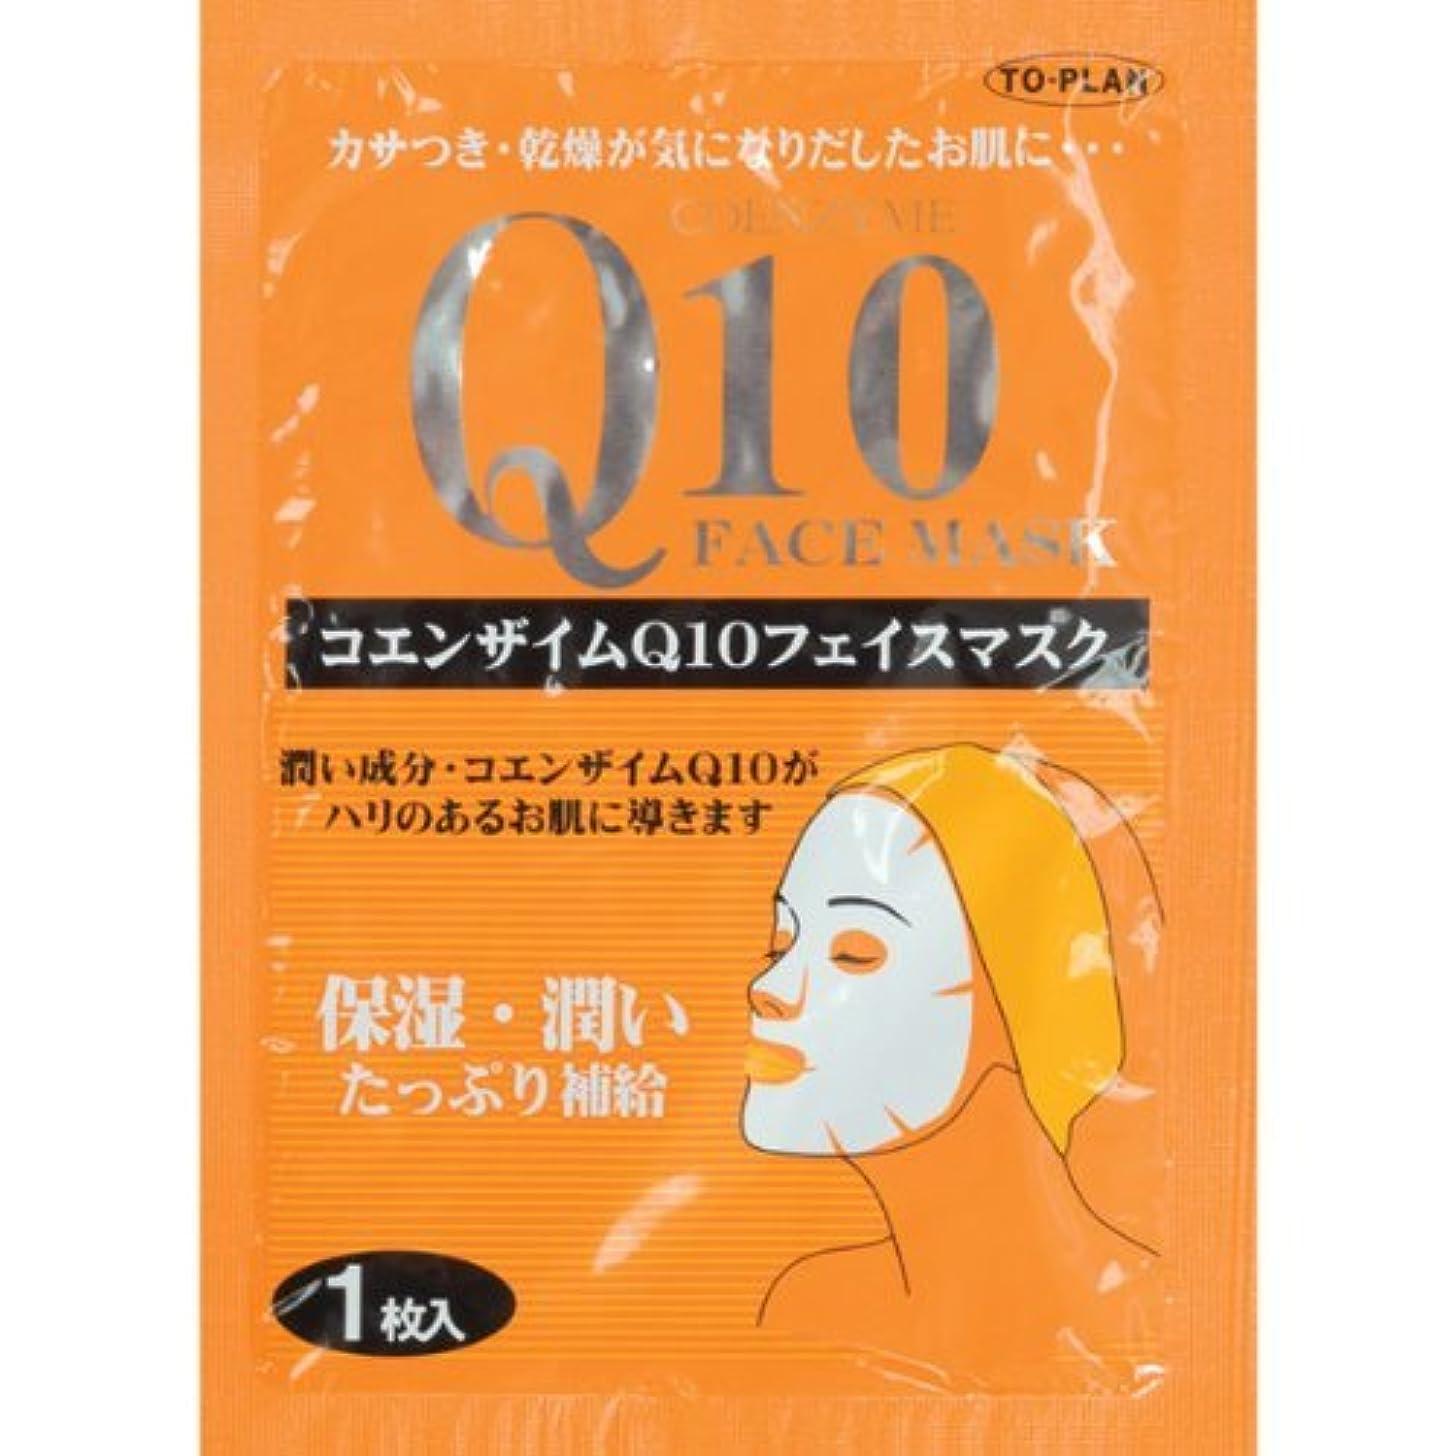 ネブ良いぐるぐるフェイスマスク コエンザイムQ10 まとめ買い プレゼント フェイスパック (200枚)